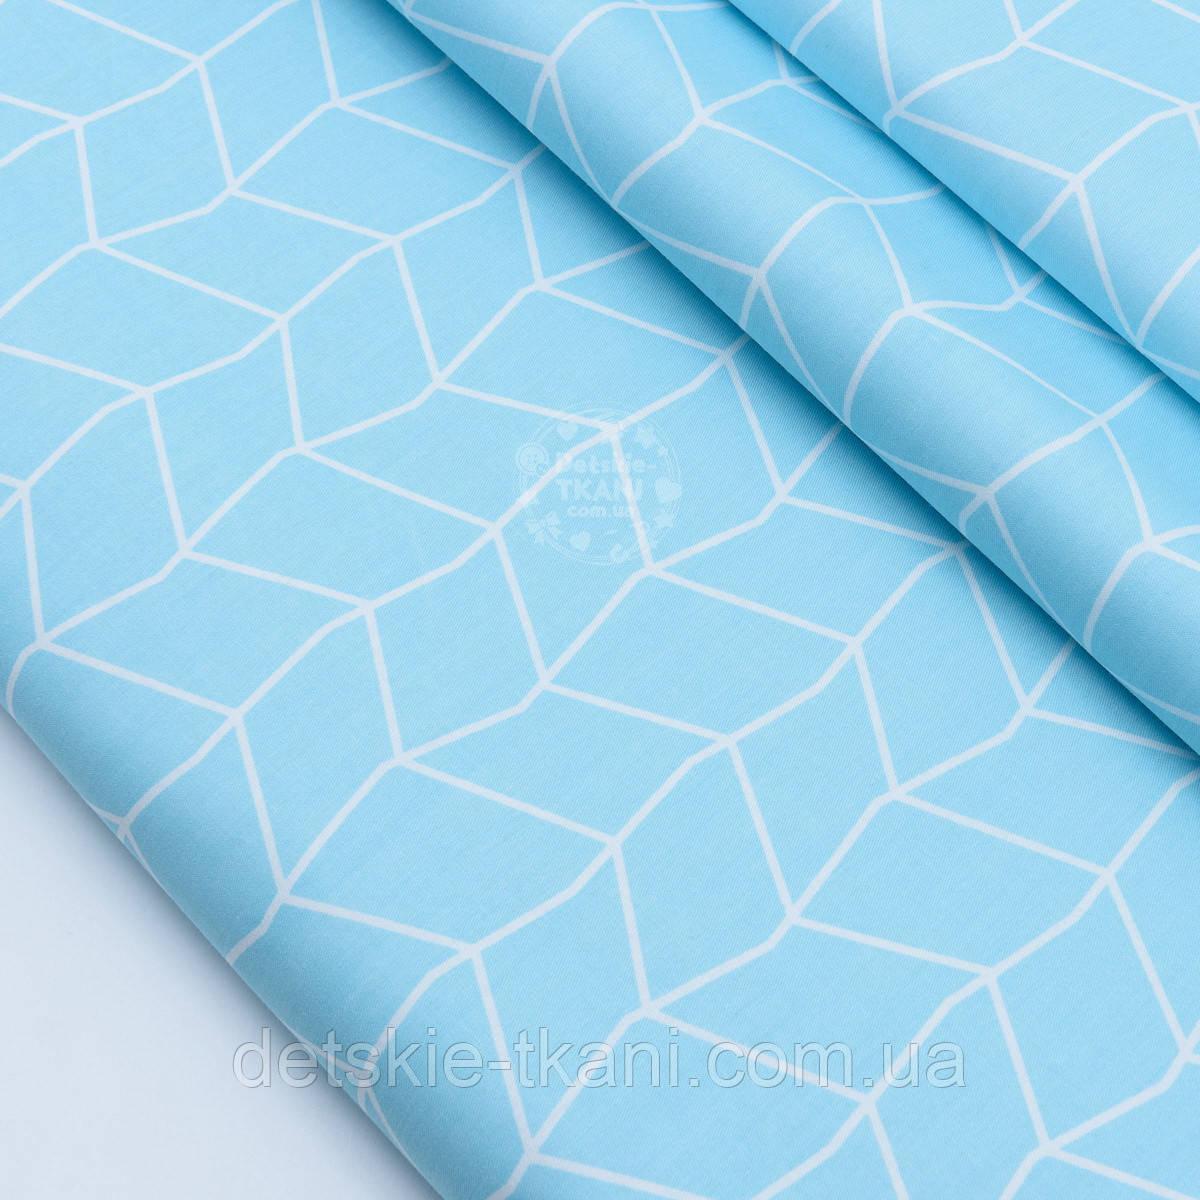 """Сатин ткань """"Изогнутые ромбы"""" на голубом фоне, №1789с"""